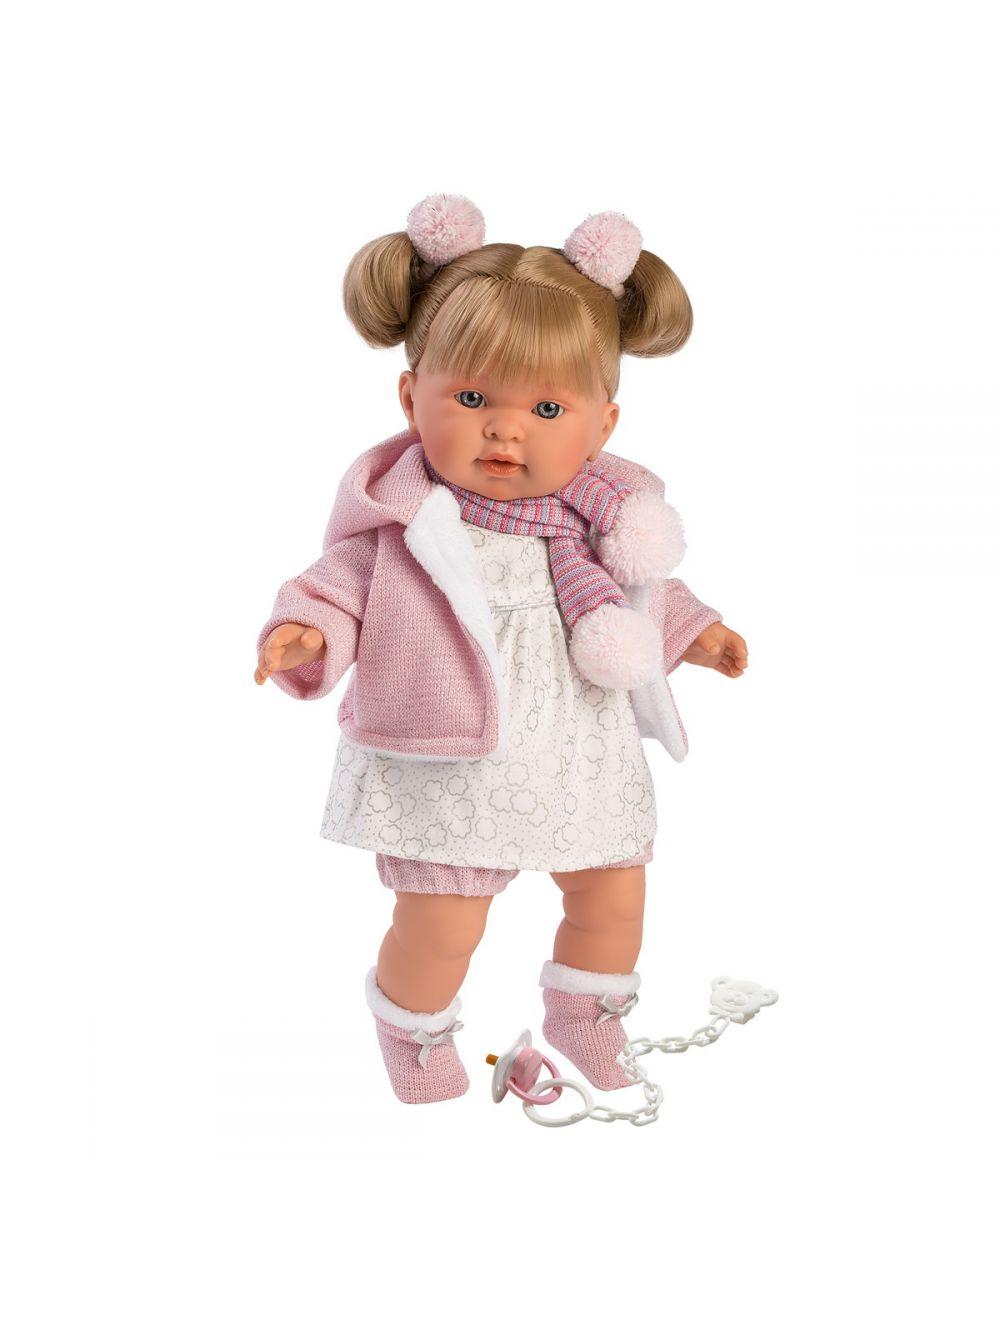 Llorens 42262 Lalka płacząca Alexandra 42 cm blondynka szalik w paski